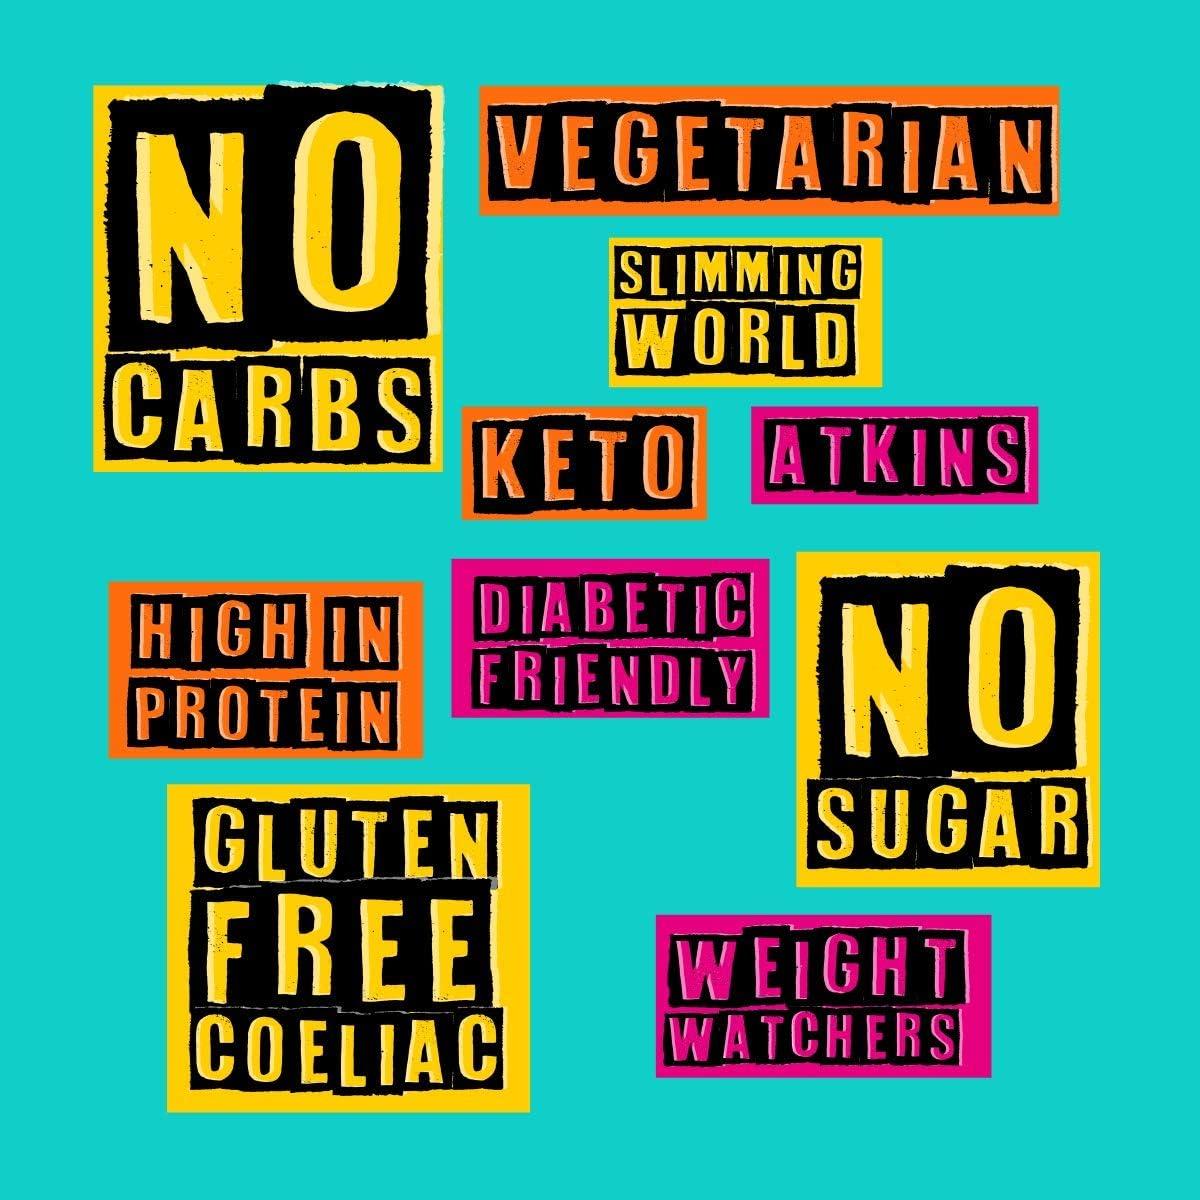 CHEESIES- Snack de Queso Crujiente, Emmental. Sin Gluten, Ceto, Sin Carbohidratos, Alto en Proteínas, Vegetariano. 12 Bolsas de 20g.